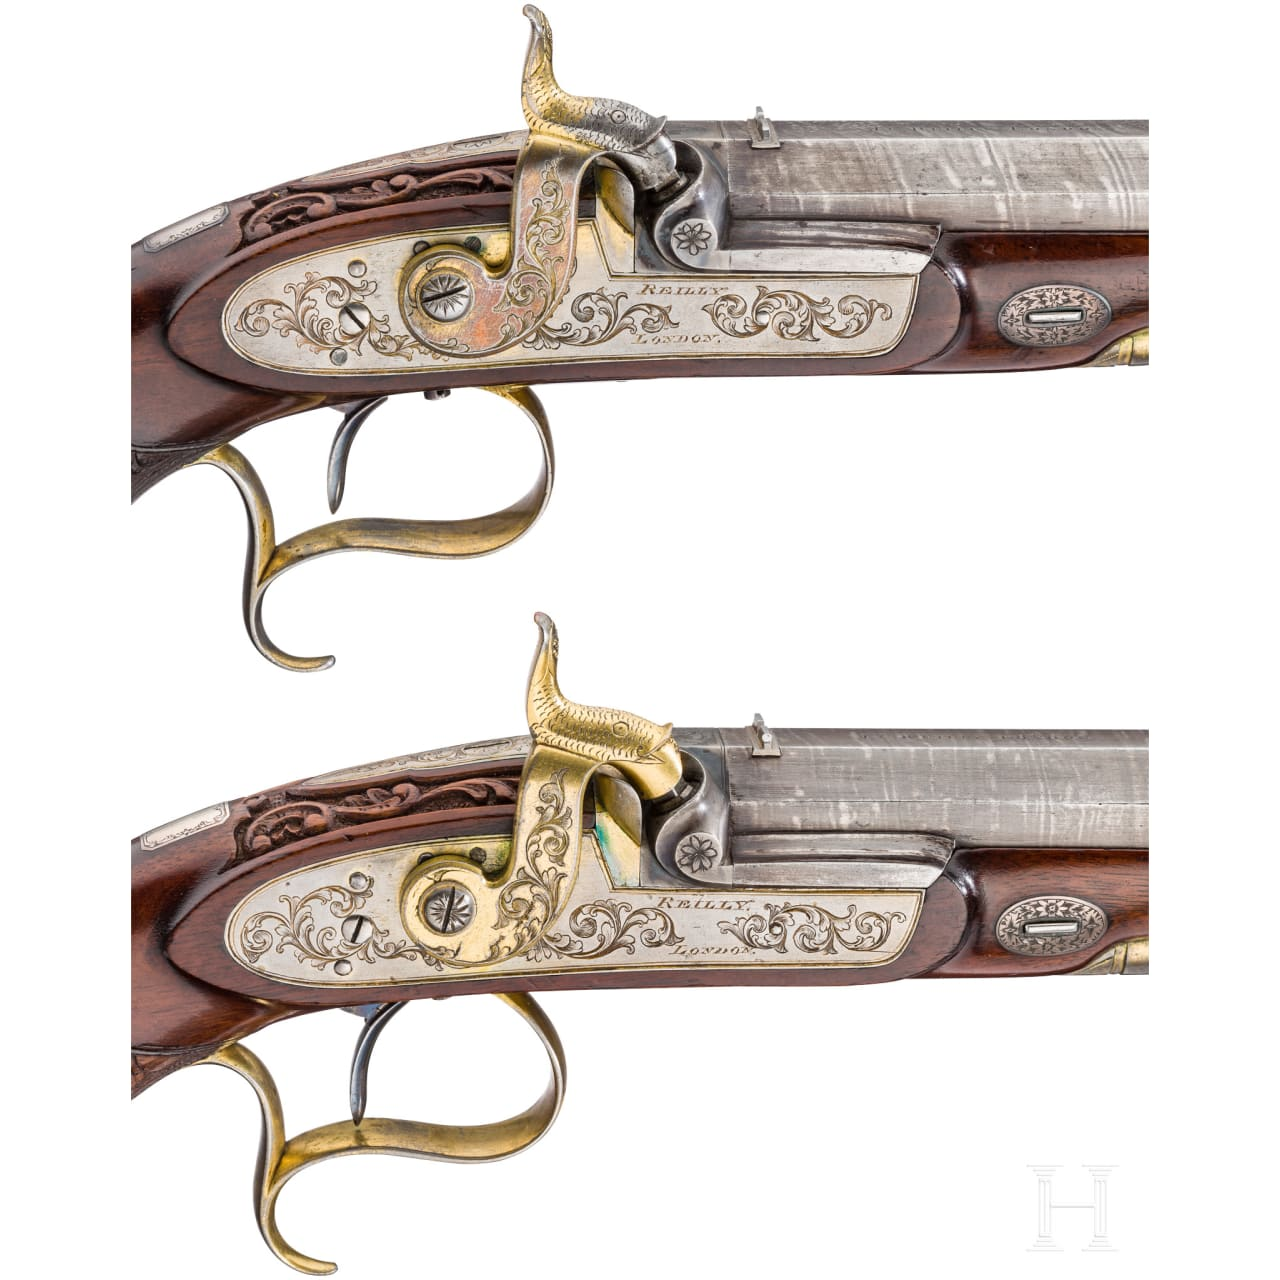 Ein Paar Luxus-Perkussionspistolen im Kasten, Joseph Charles Reilly, London, um 1850